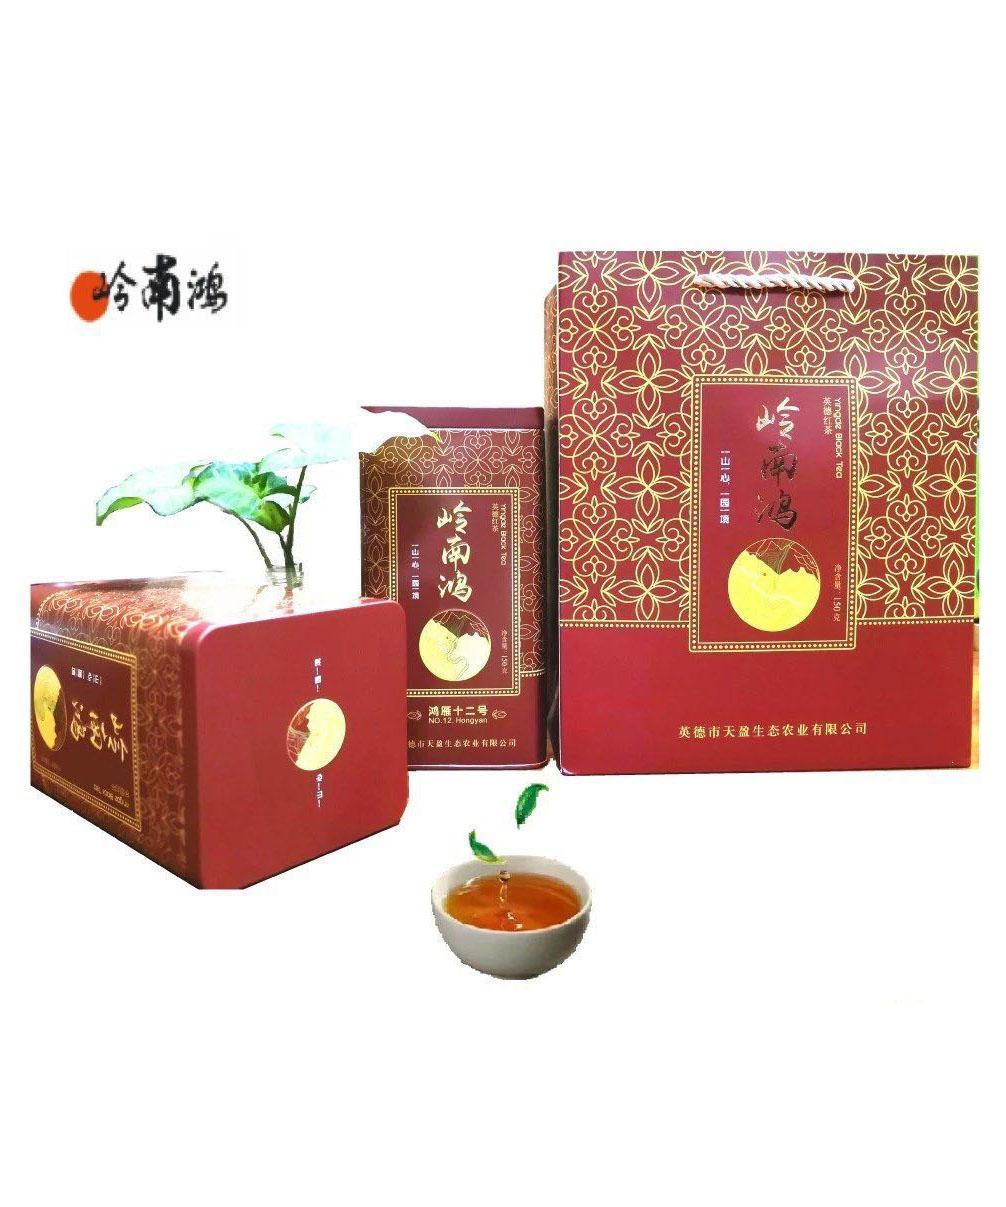 岭南鸿鸿雁12号英德春红茶罐装150g